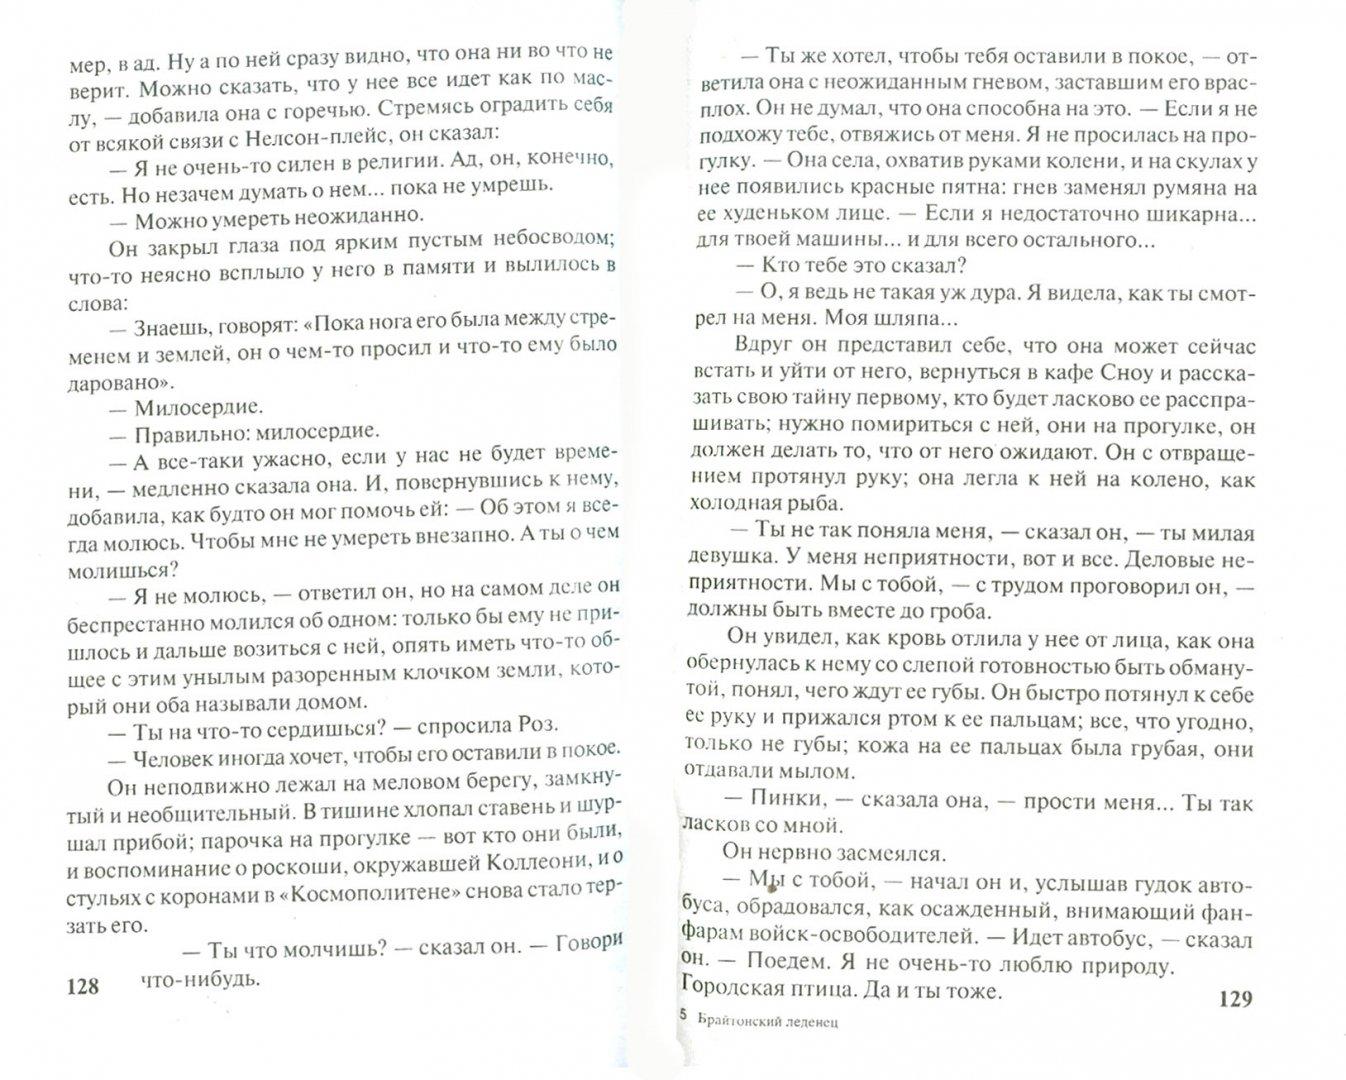 Иллюстрация 1 из 12 для Брайтонский леденец - Грэм Грин | Лабиринт - книги. Источник: Лабиринт